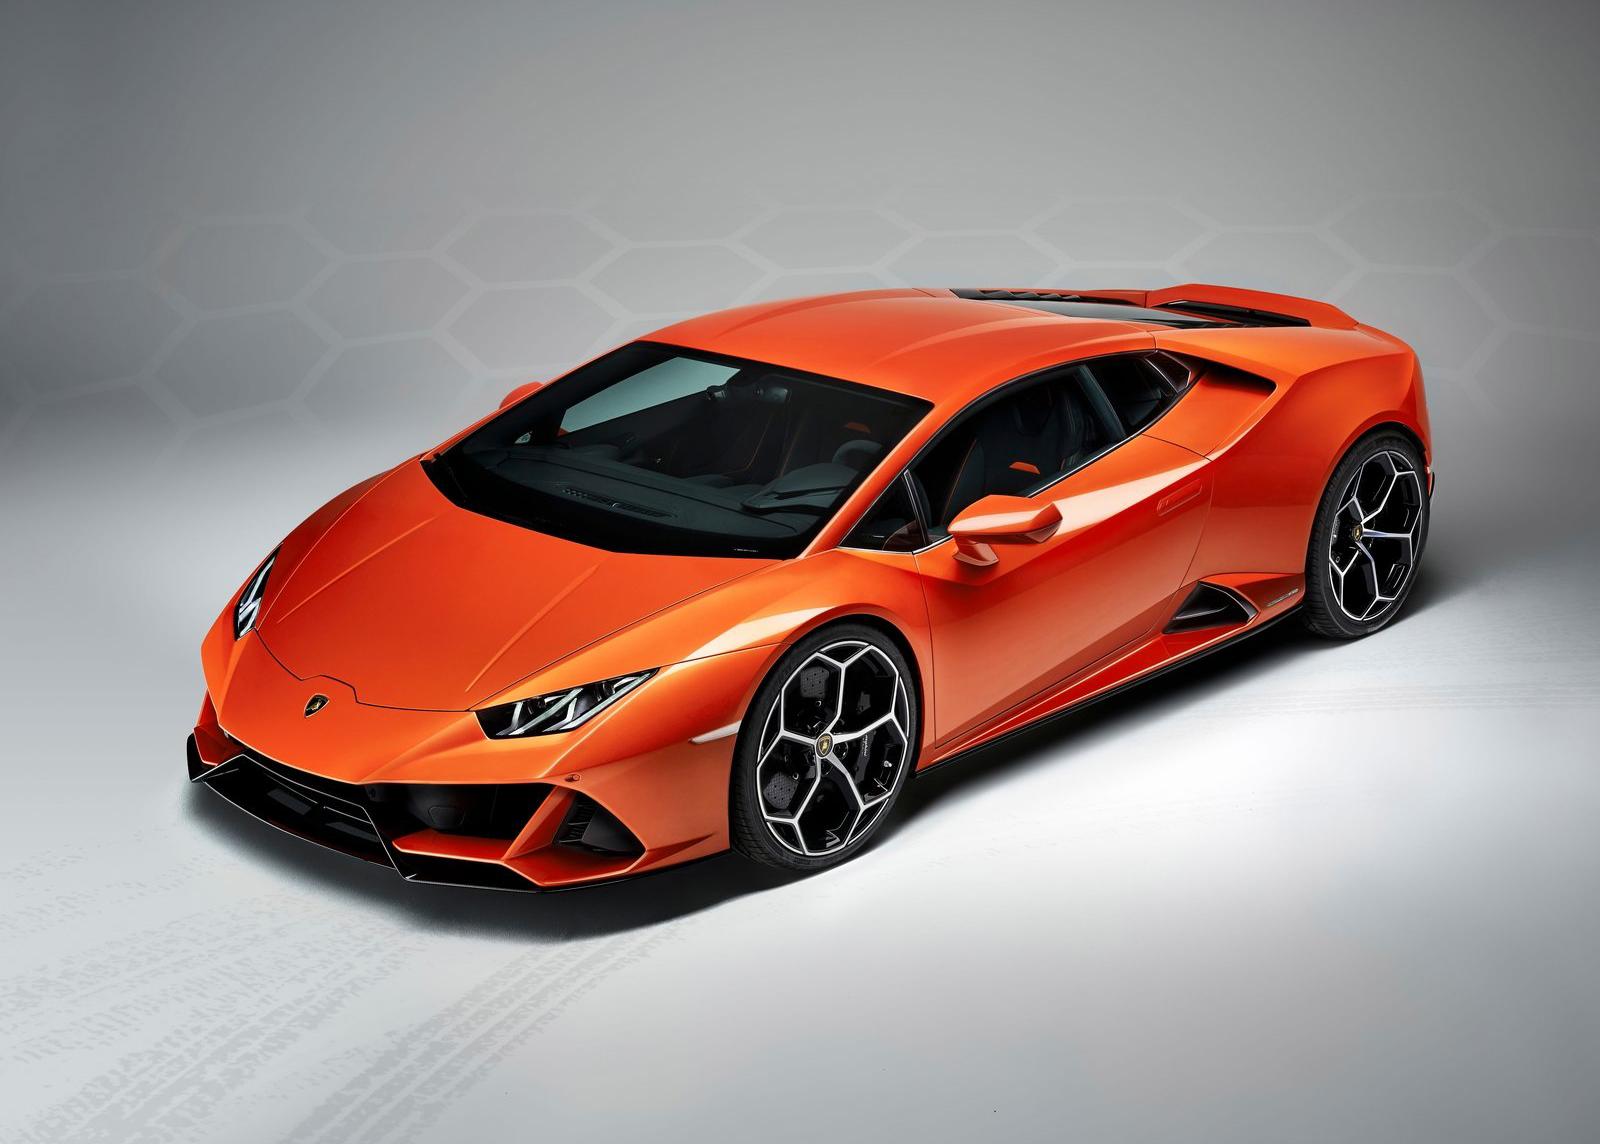 Galería Revista de coches, - Lamborghini Huracan Evo 2019 ...